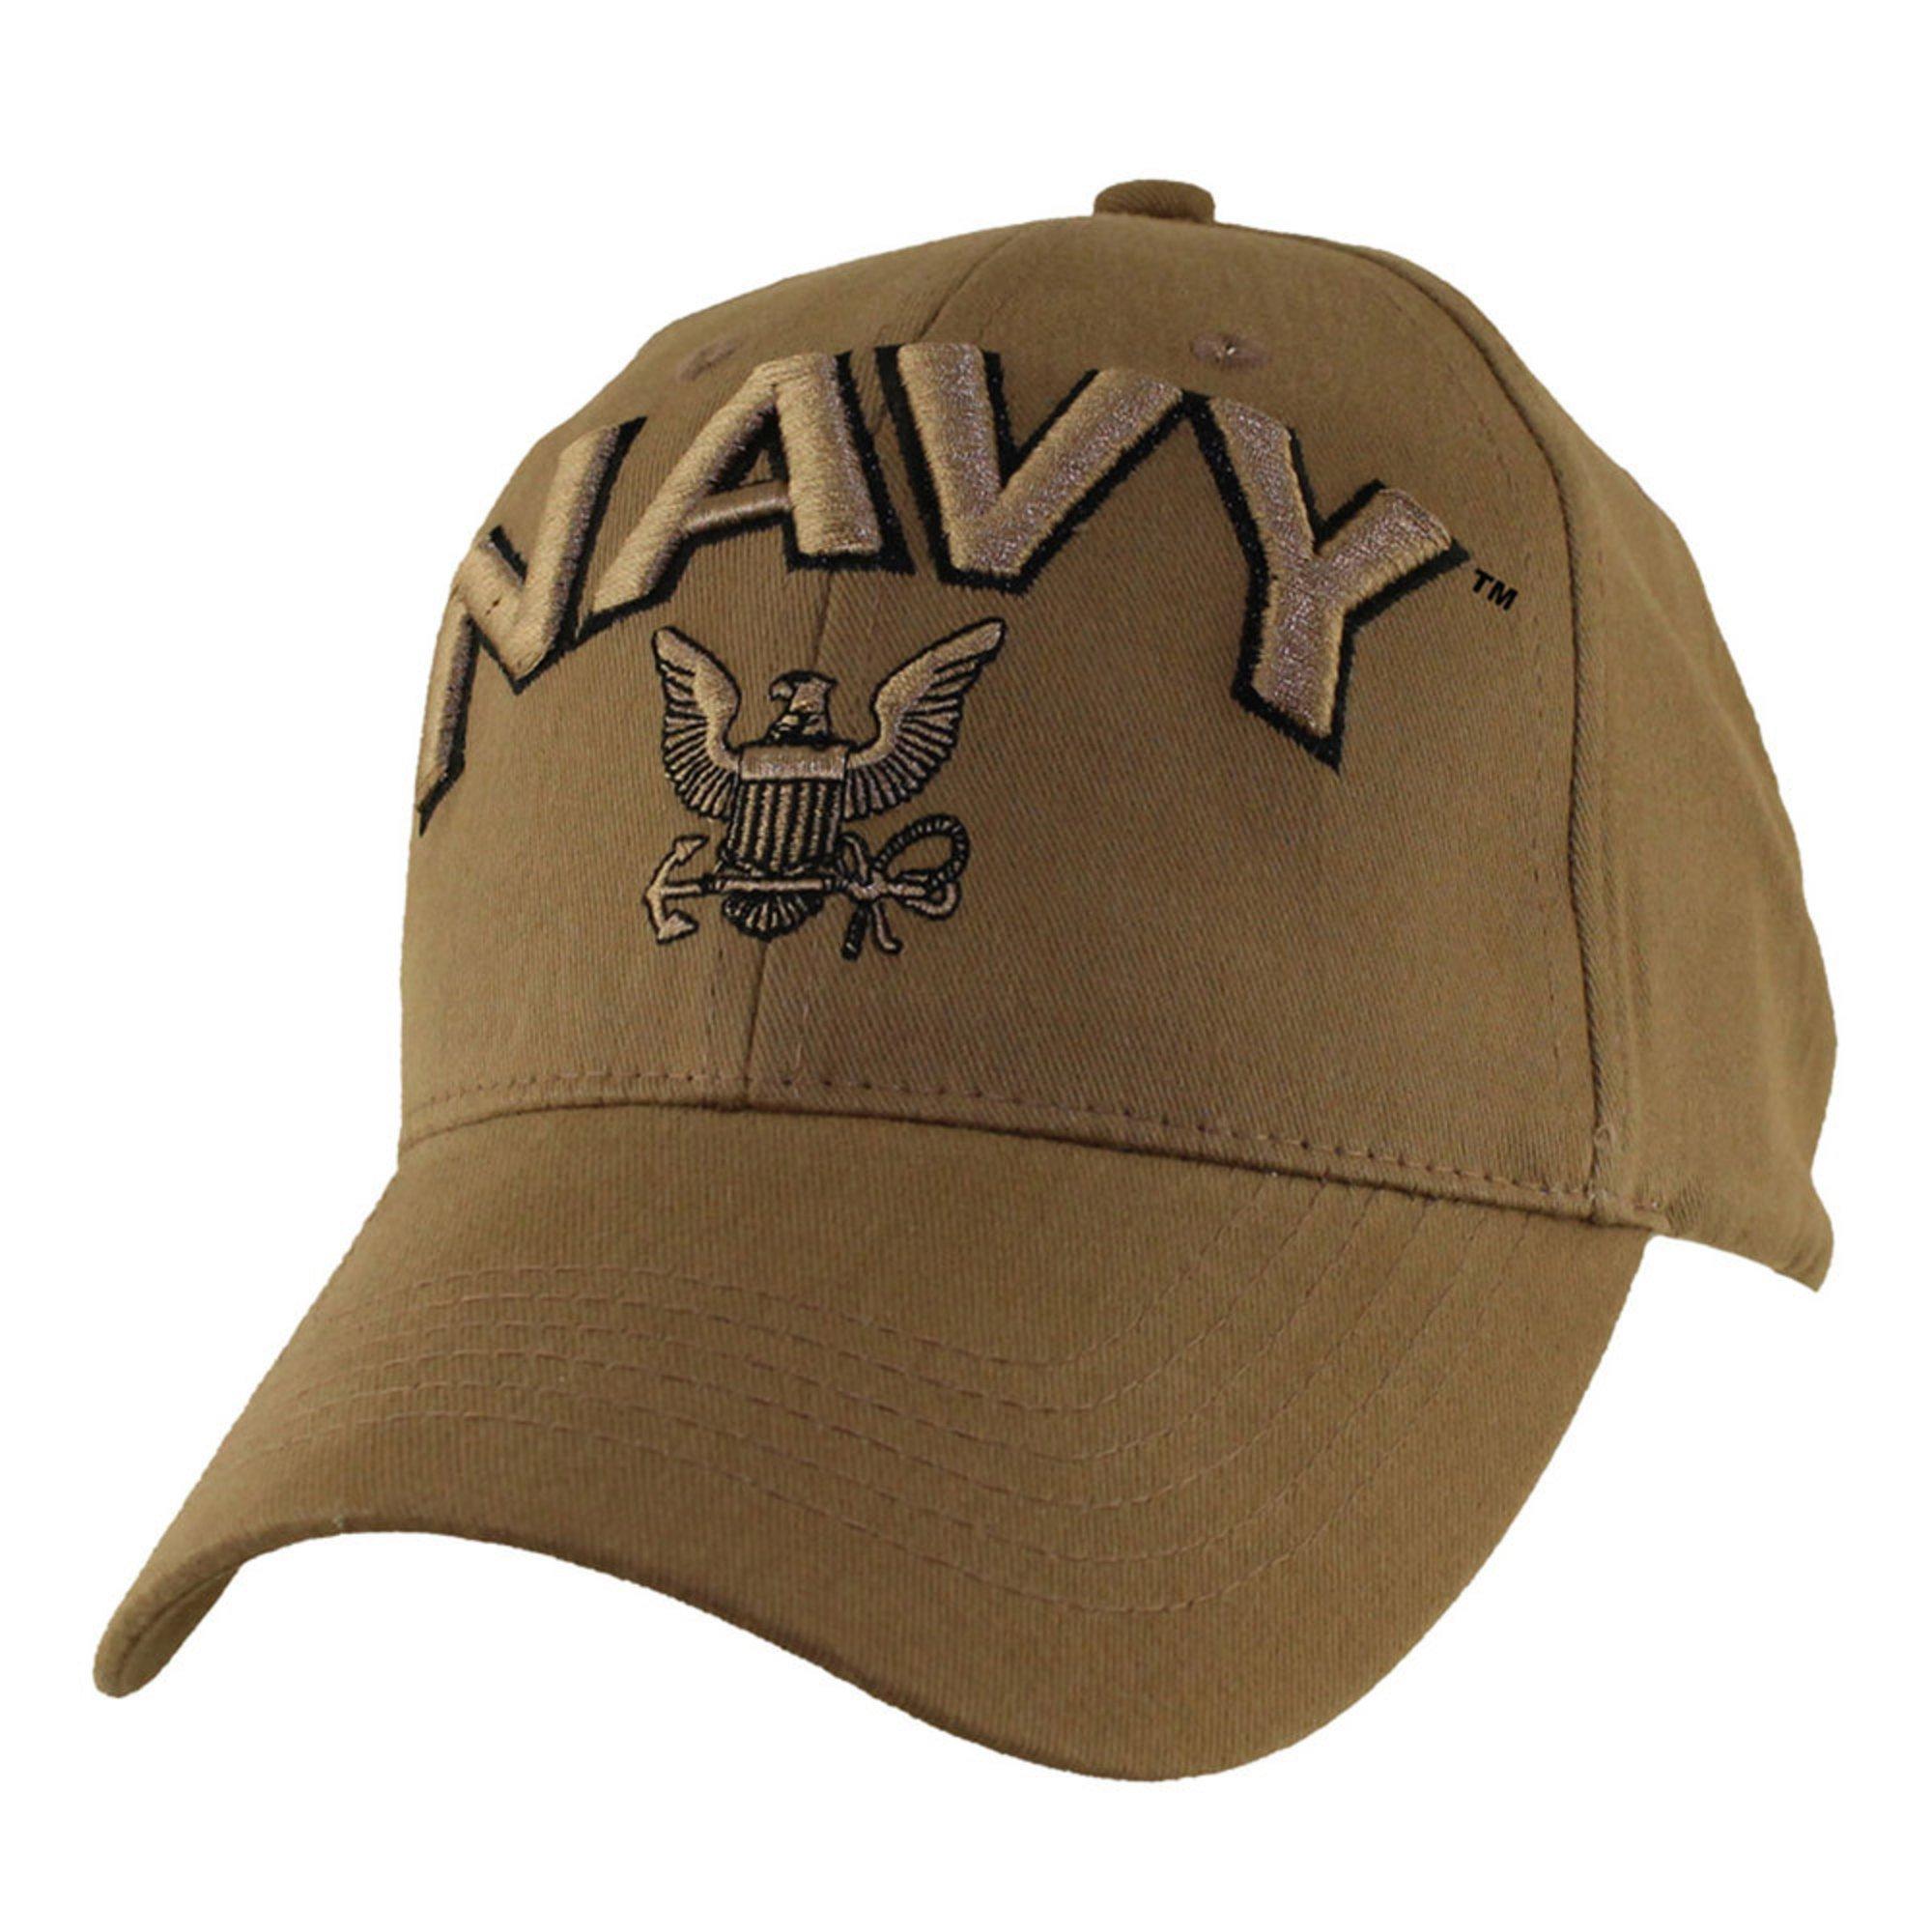 Eagle Crest Usn With Eagle Extreme Hat  3dc9fc1c2d5